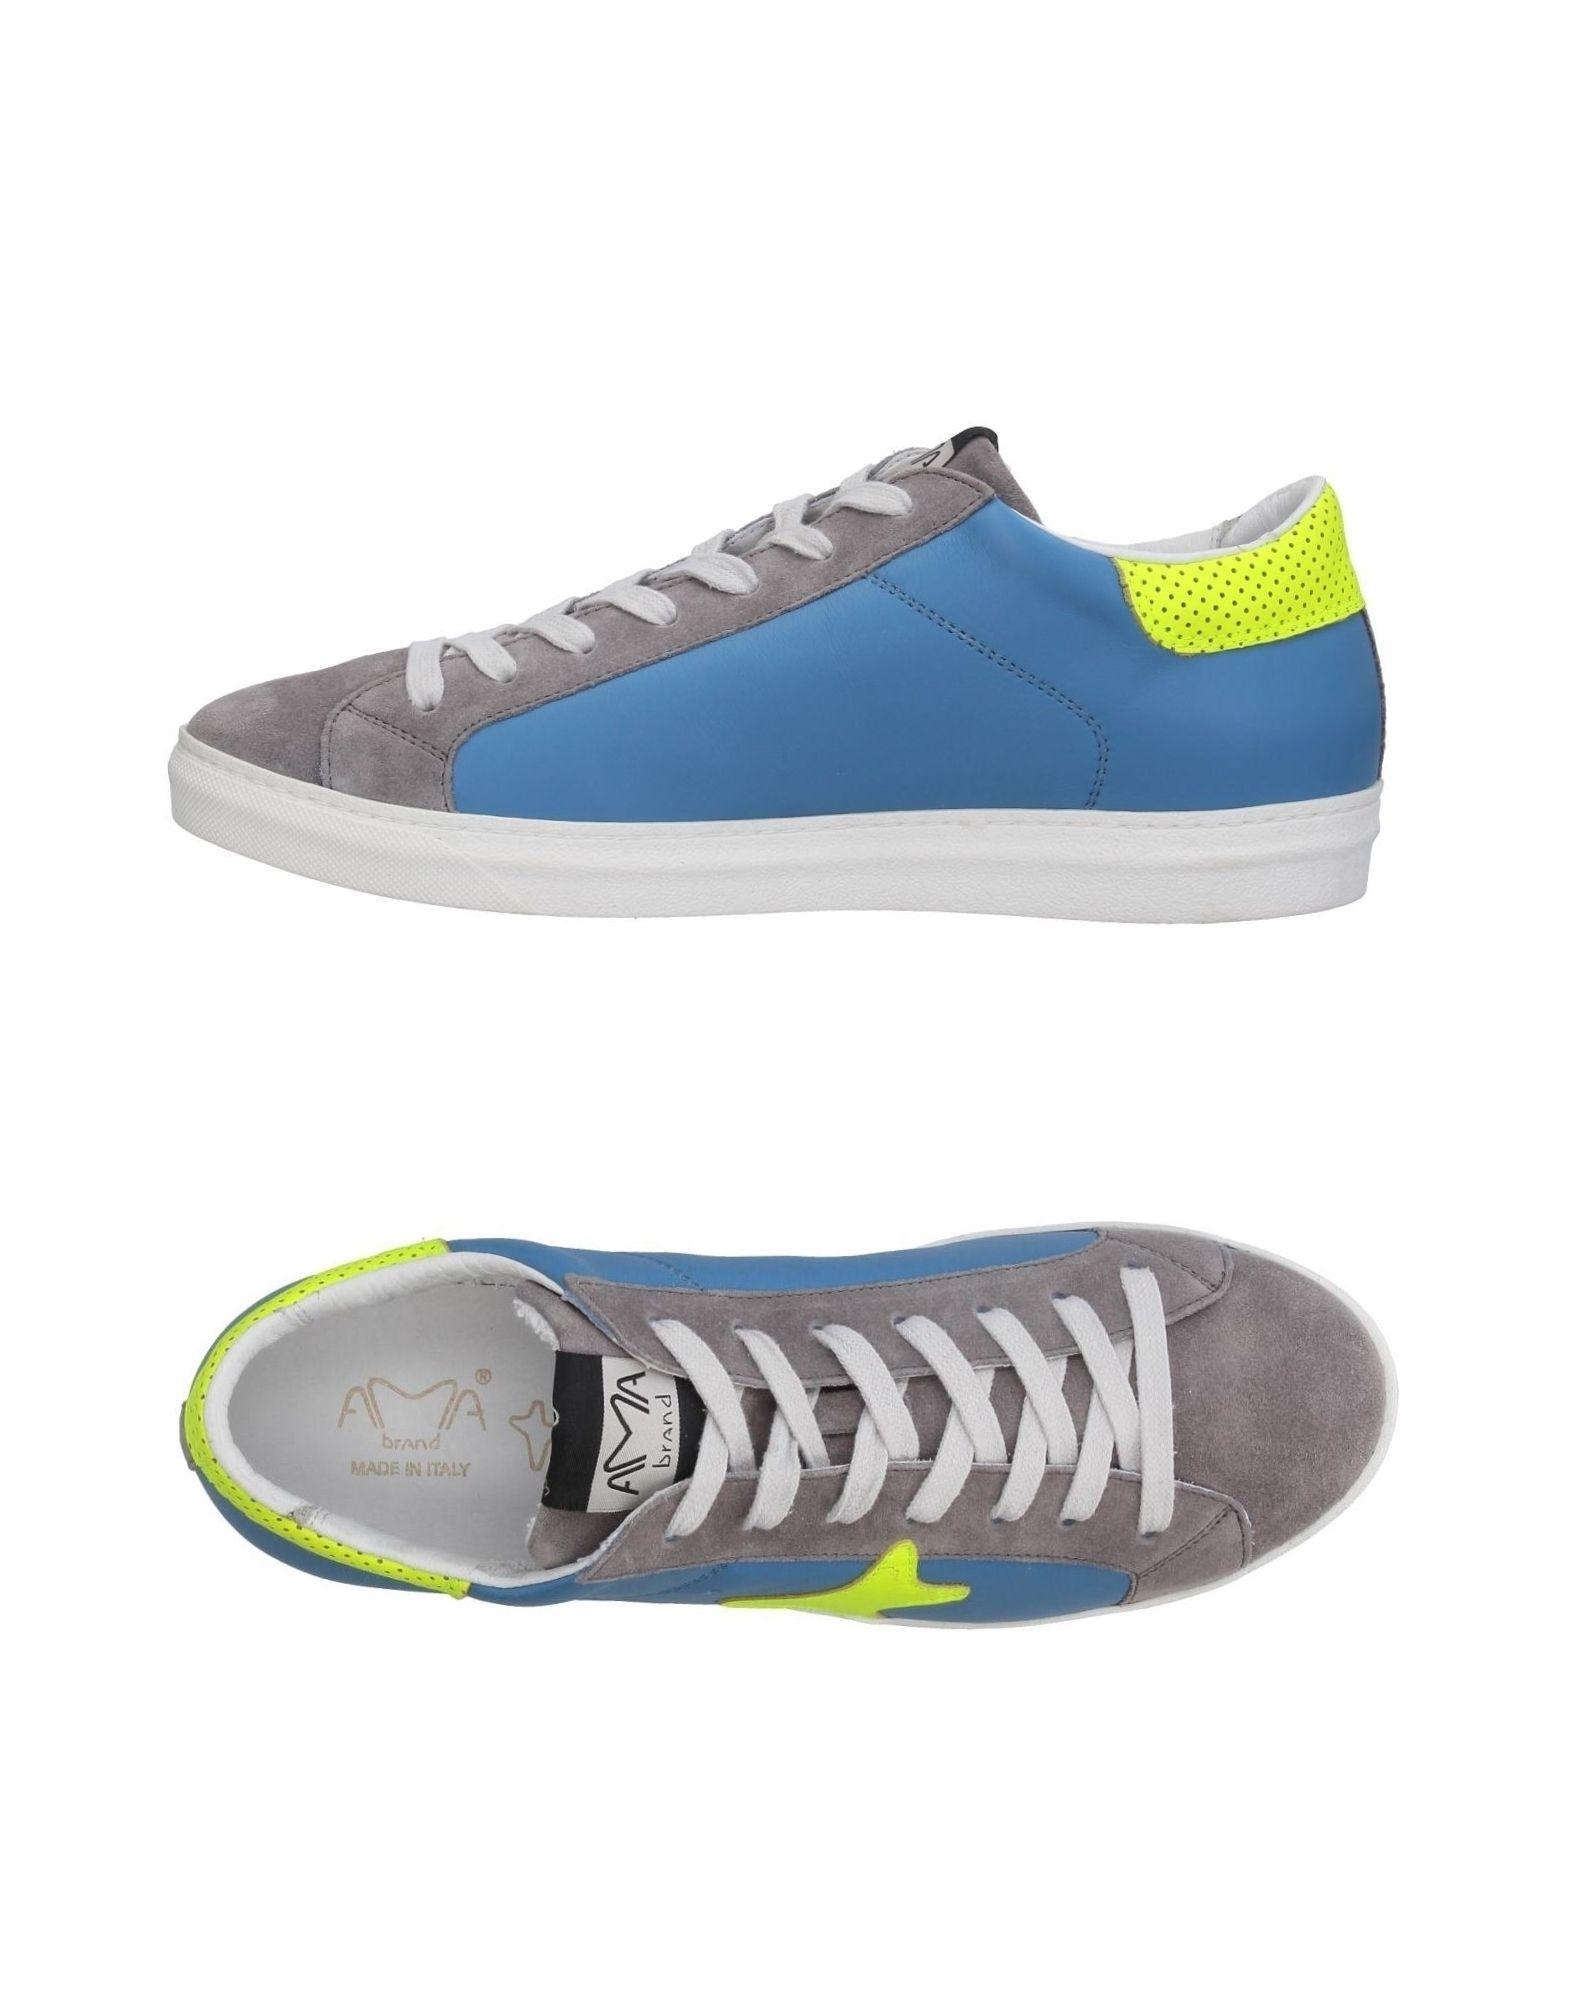 Ama Brand Sneakers Herren   Herren 11401135AR a5cf10